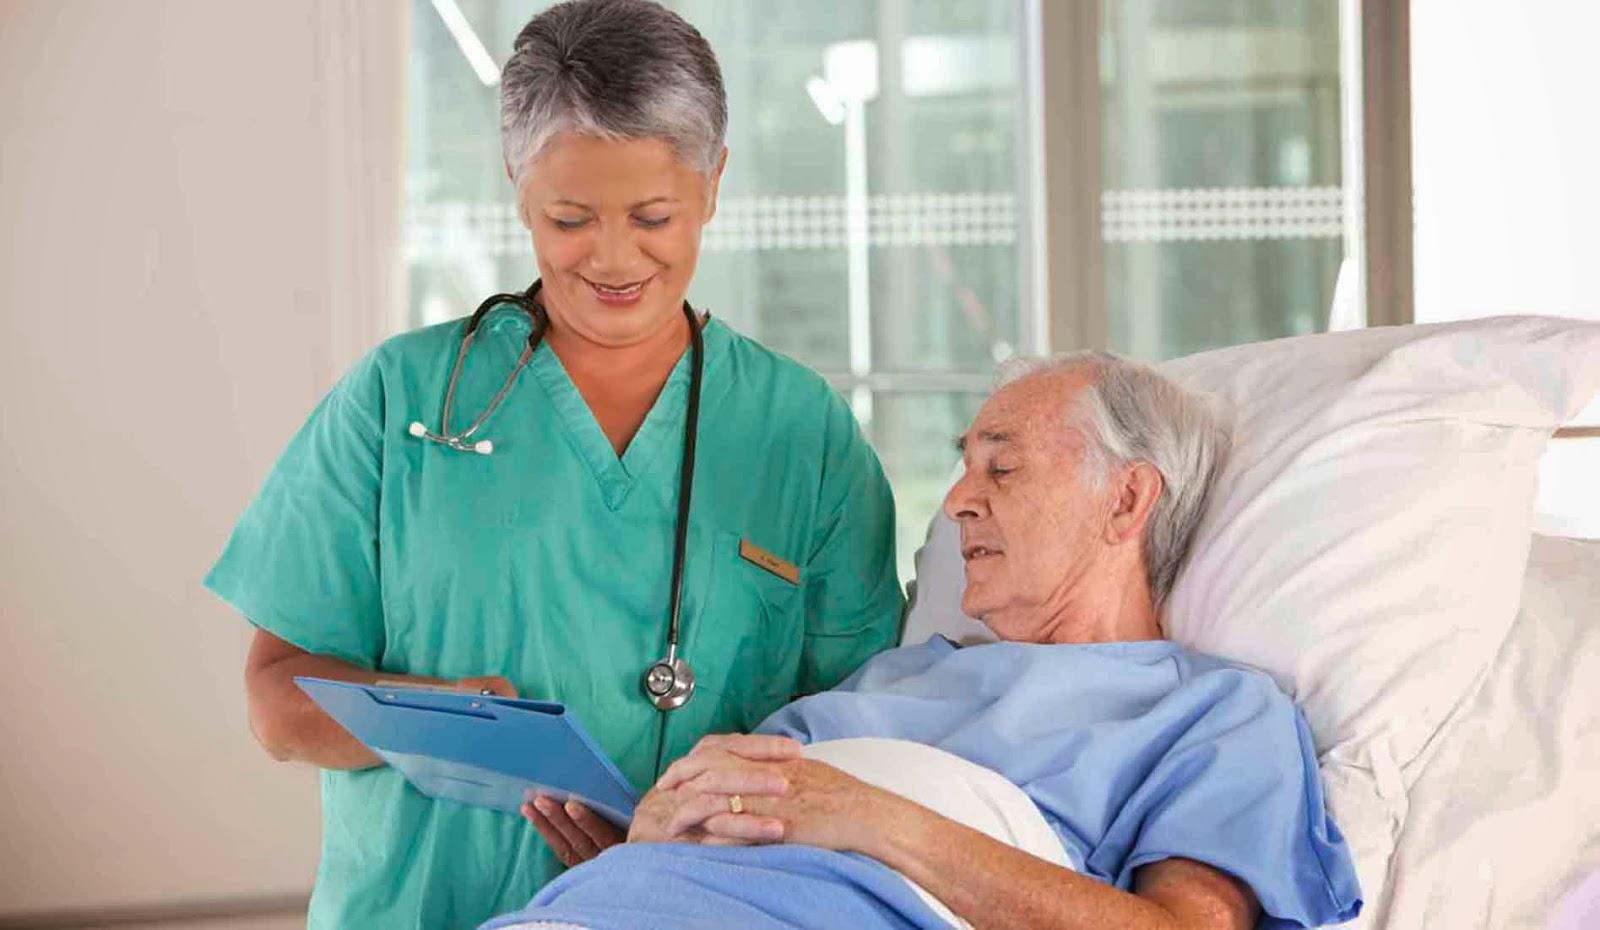 secreto profesional de enfermería